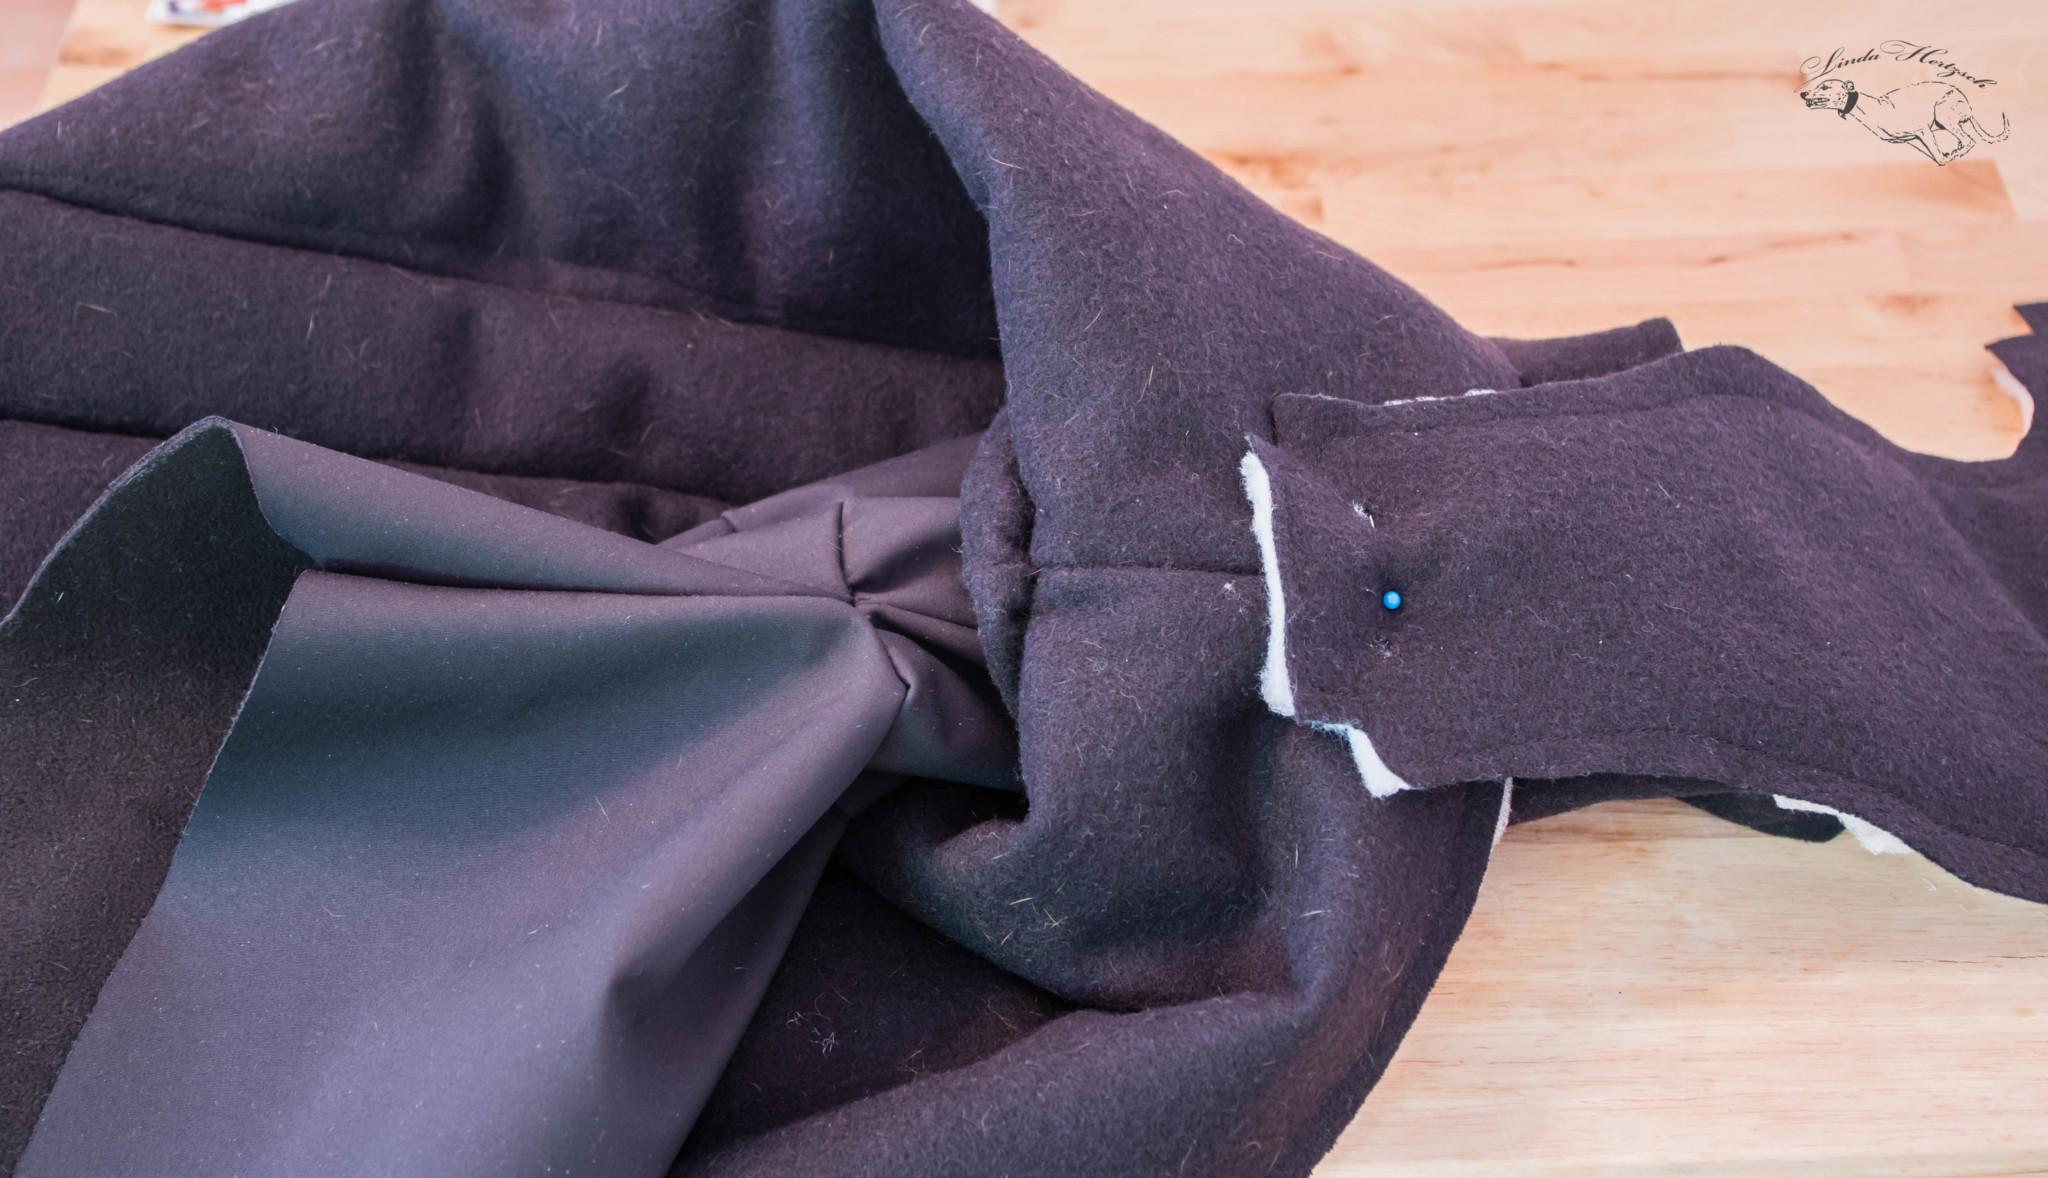 Hier habe ich den Bauclatz mit einer Nadel an der Stelle am Mantel angeheftet, an der er später sitzen soll. Punkte für die Knöpfe markieren und dann den Hammer schwingen. Mein Freund hat mich gefragt, ob ich spät abends noch Schnitzel mache *lach*